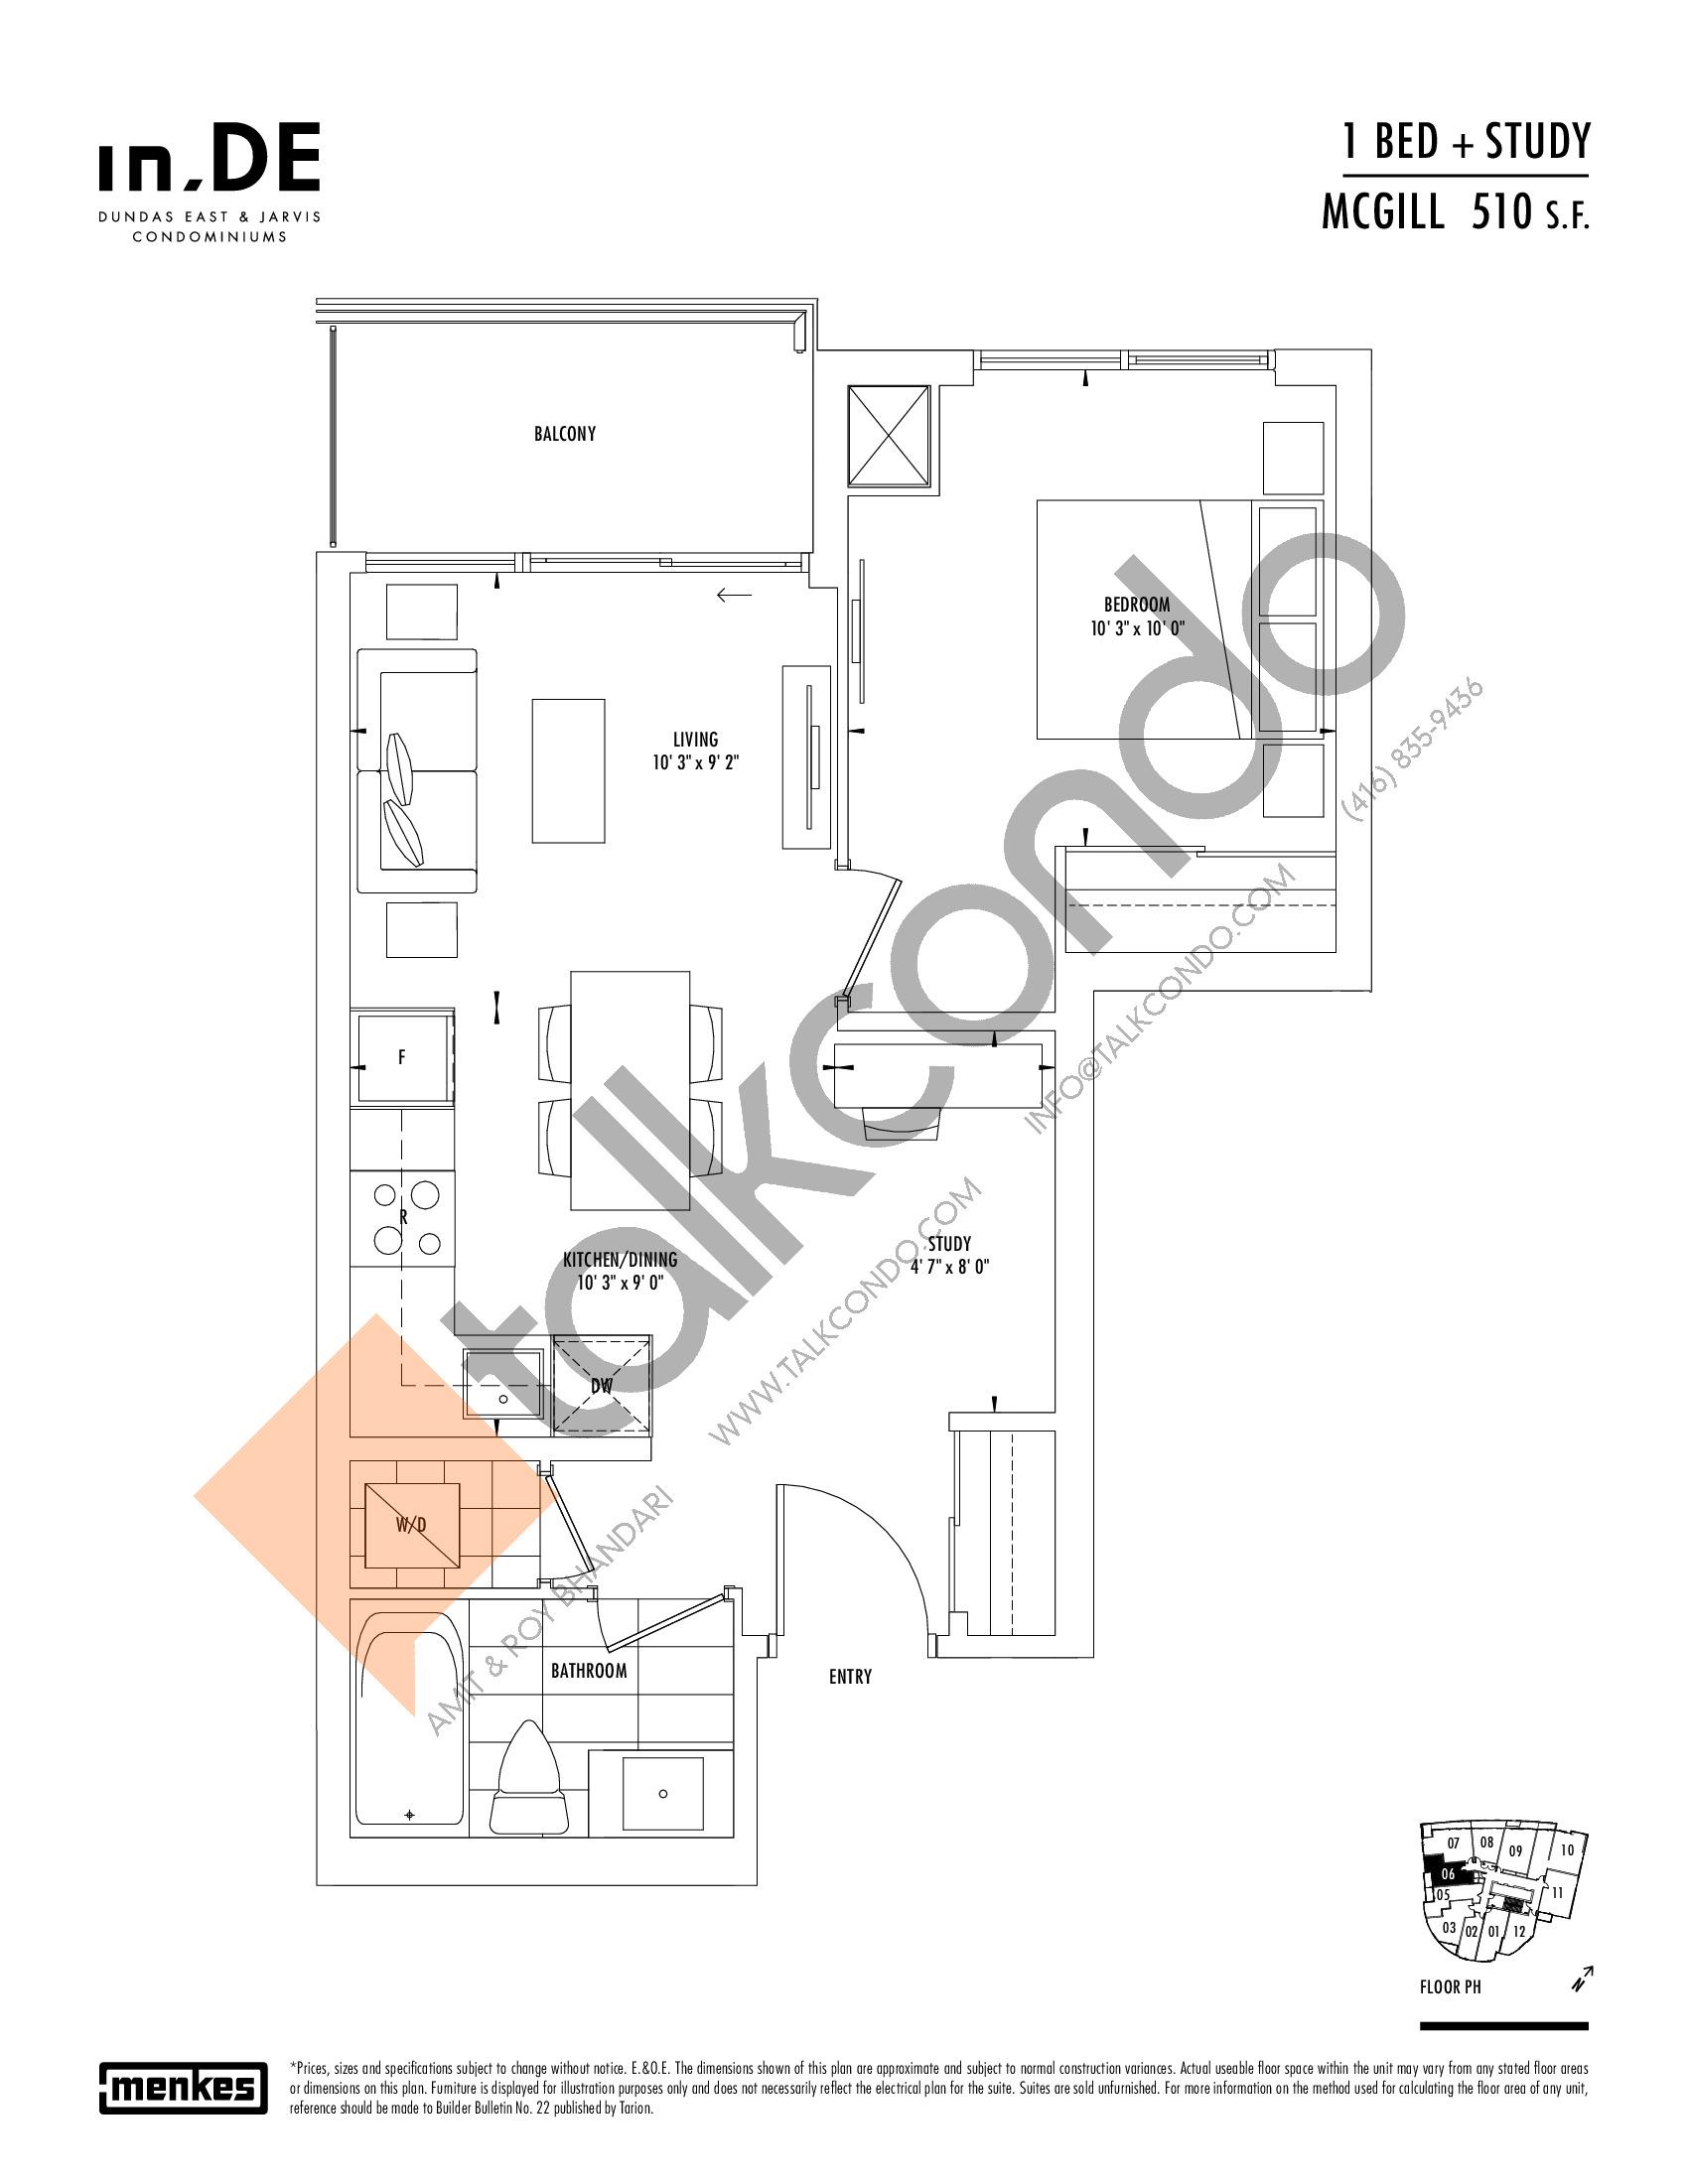 McGill Floor Plan at in.DE Condos - 510 sq.ft